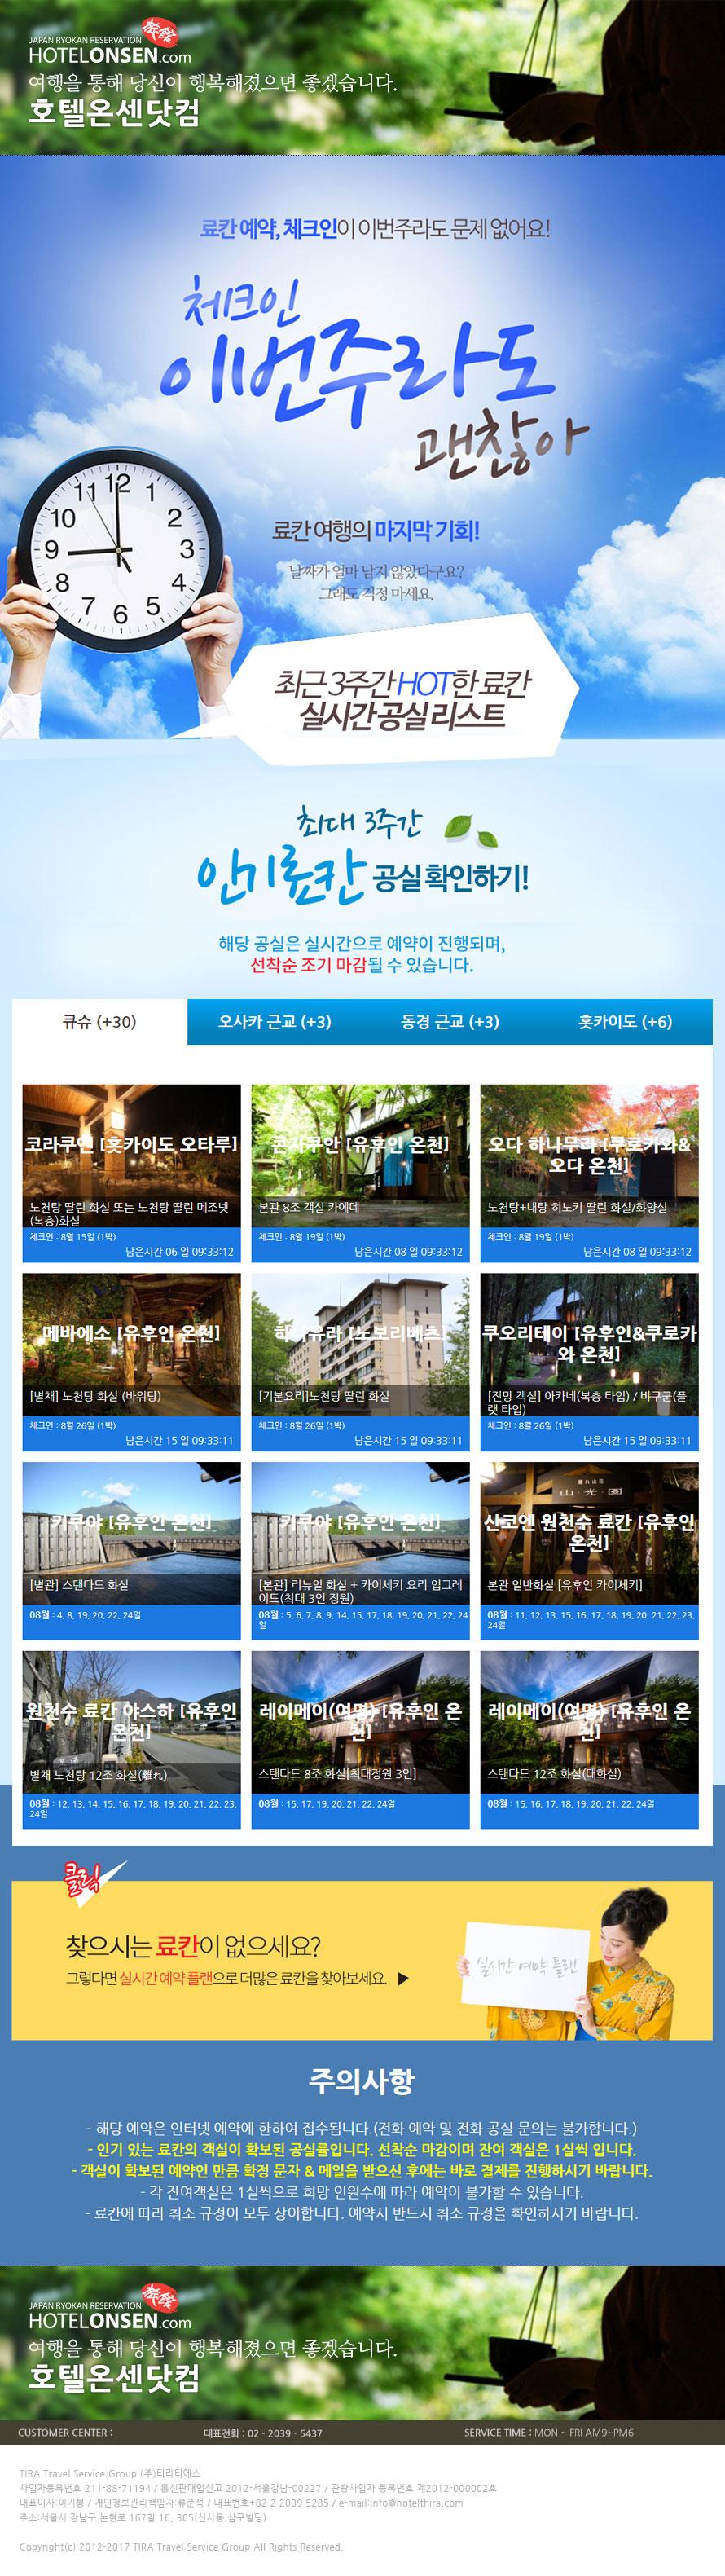 호텔온센닷컴, 8월 휴가계획 참고! 최근 3주간 인기 료칸 실시간 공실 상황을 알려드립니다!